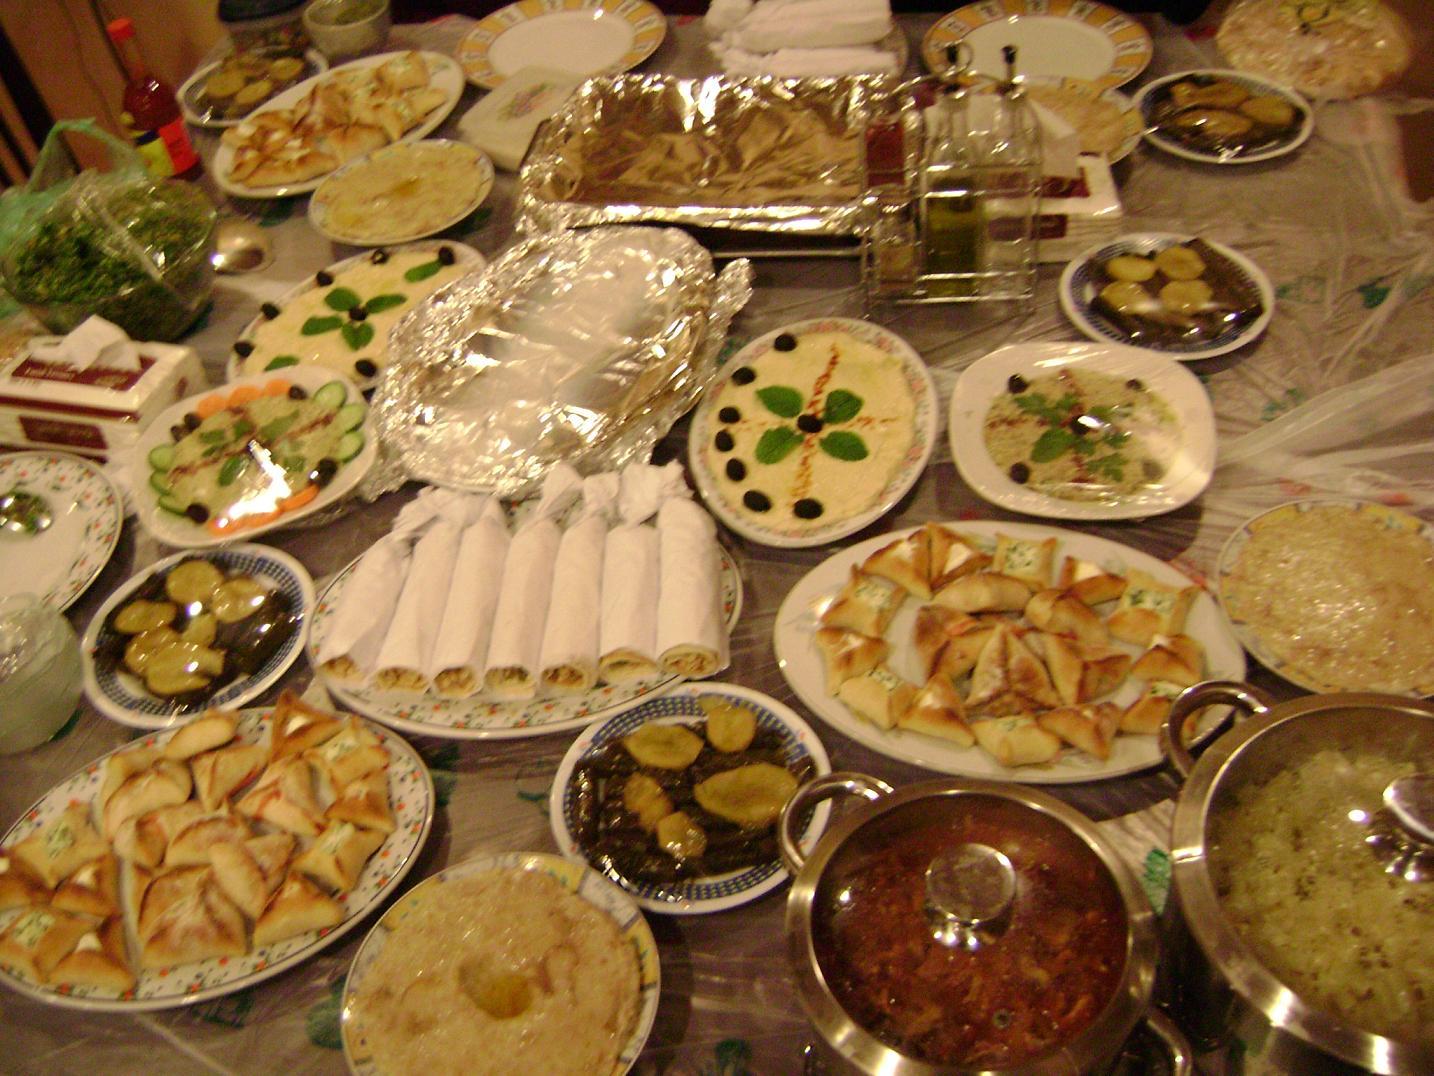 عزومة جمال علي العشاء O7451ofb4h7oj4u7kgl